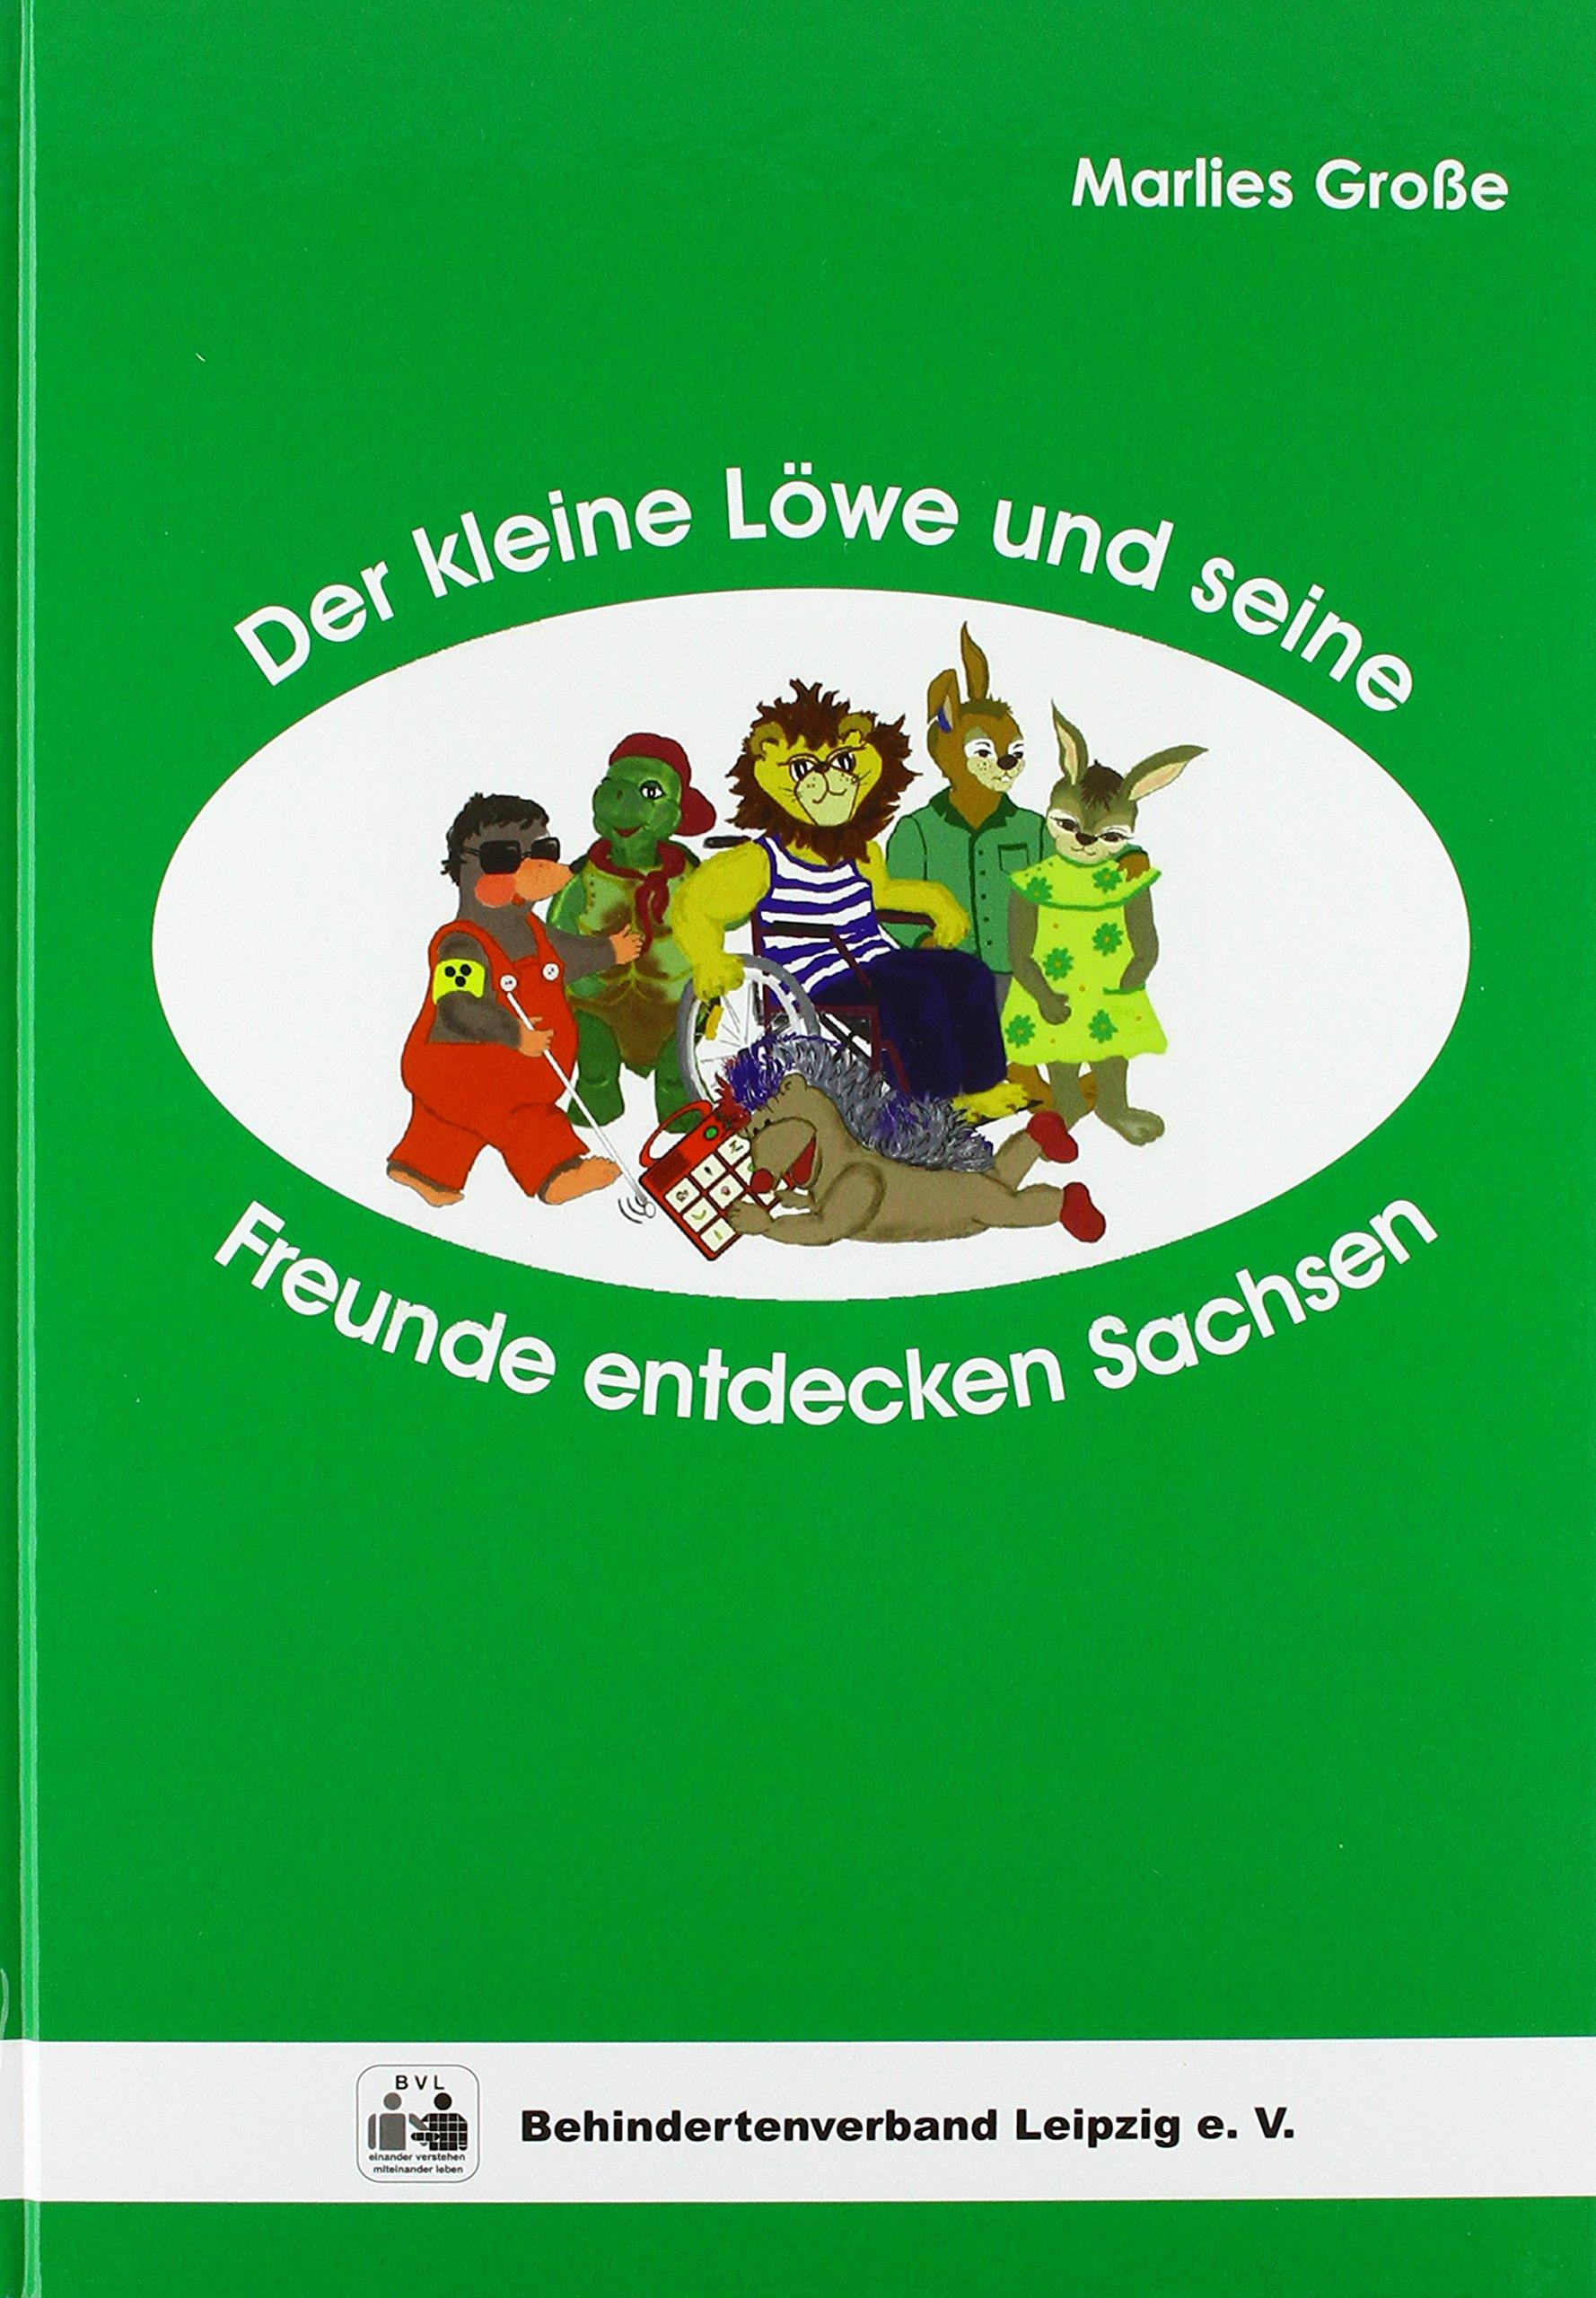 Der kleine Löwe und seine Freunde entdecken Sachsen